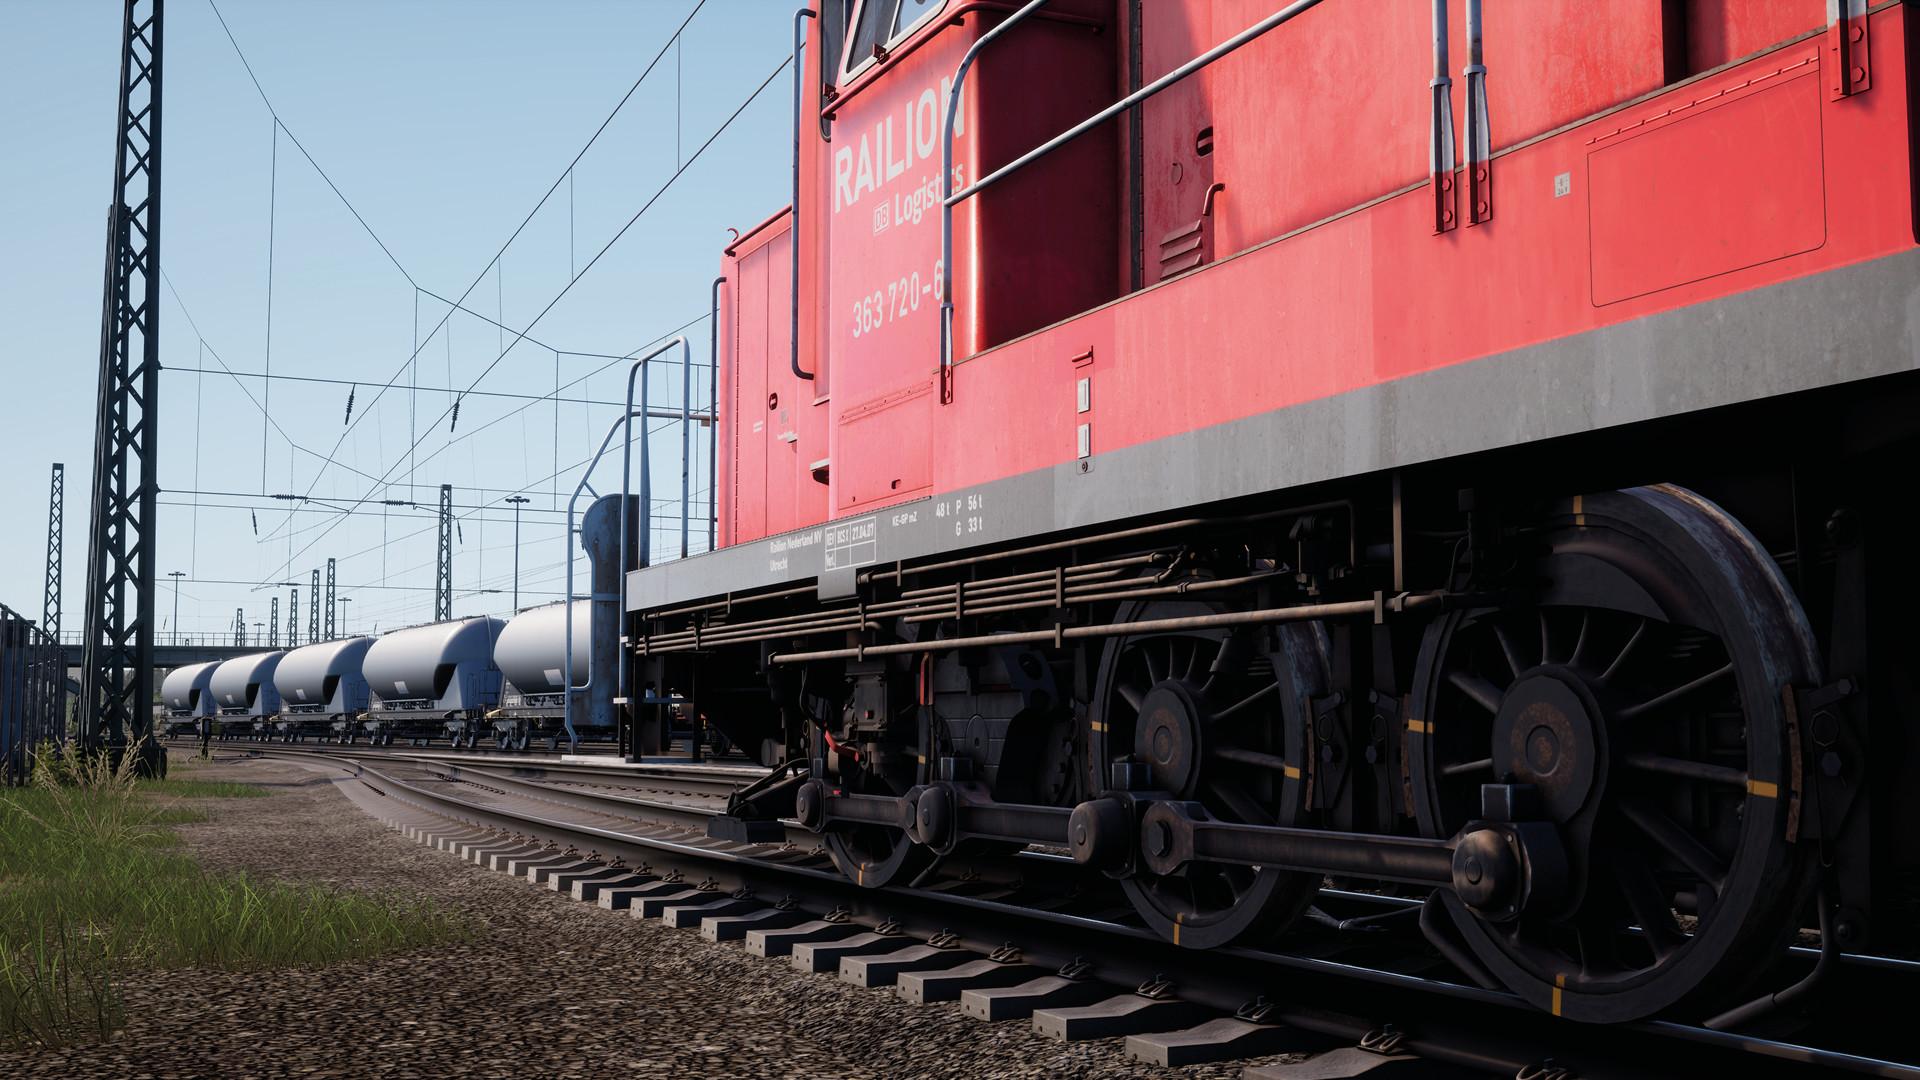 Train Sim World® 2: DB BR 363 Loco Add-On